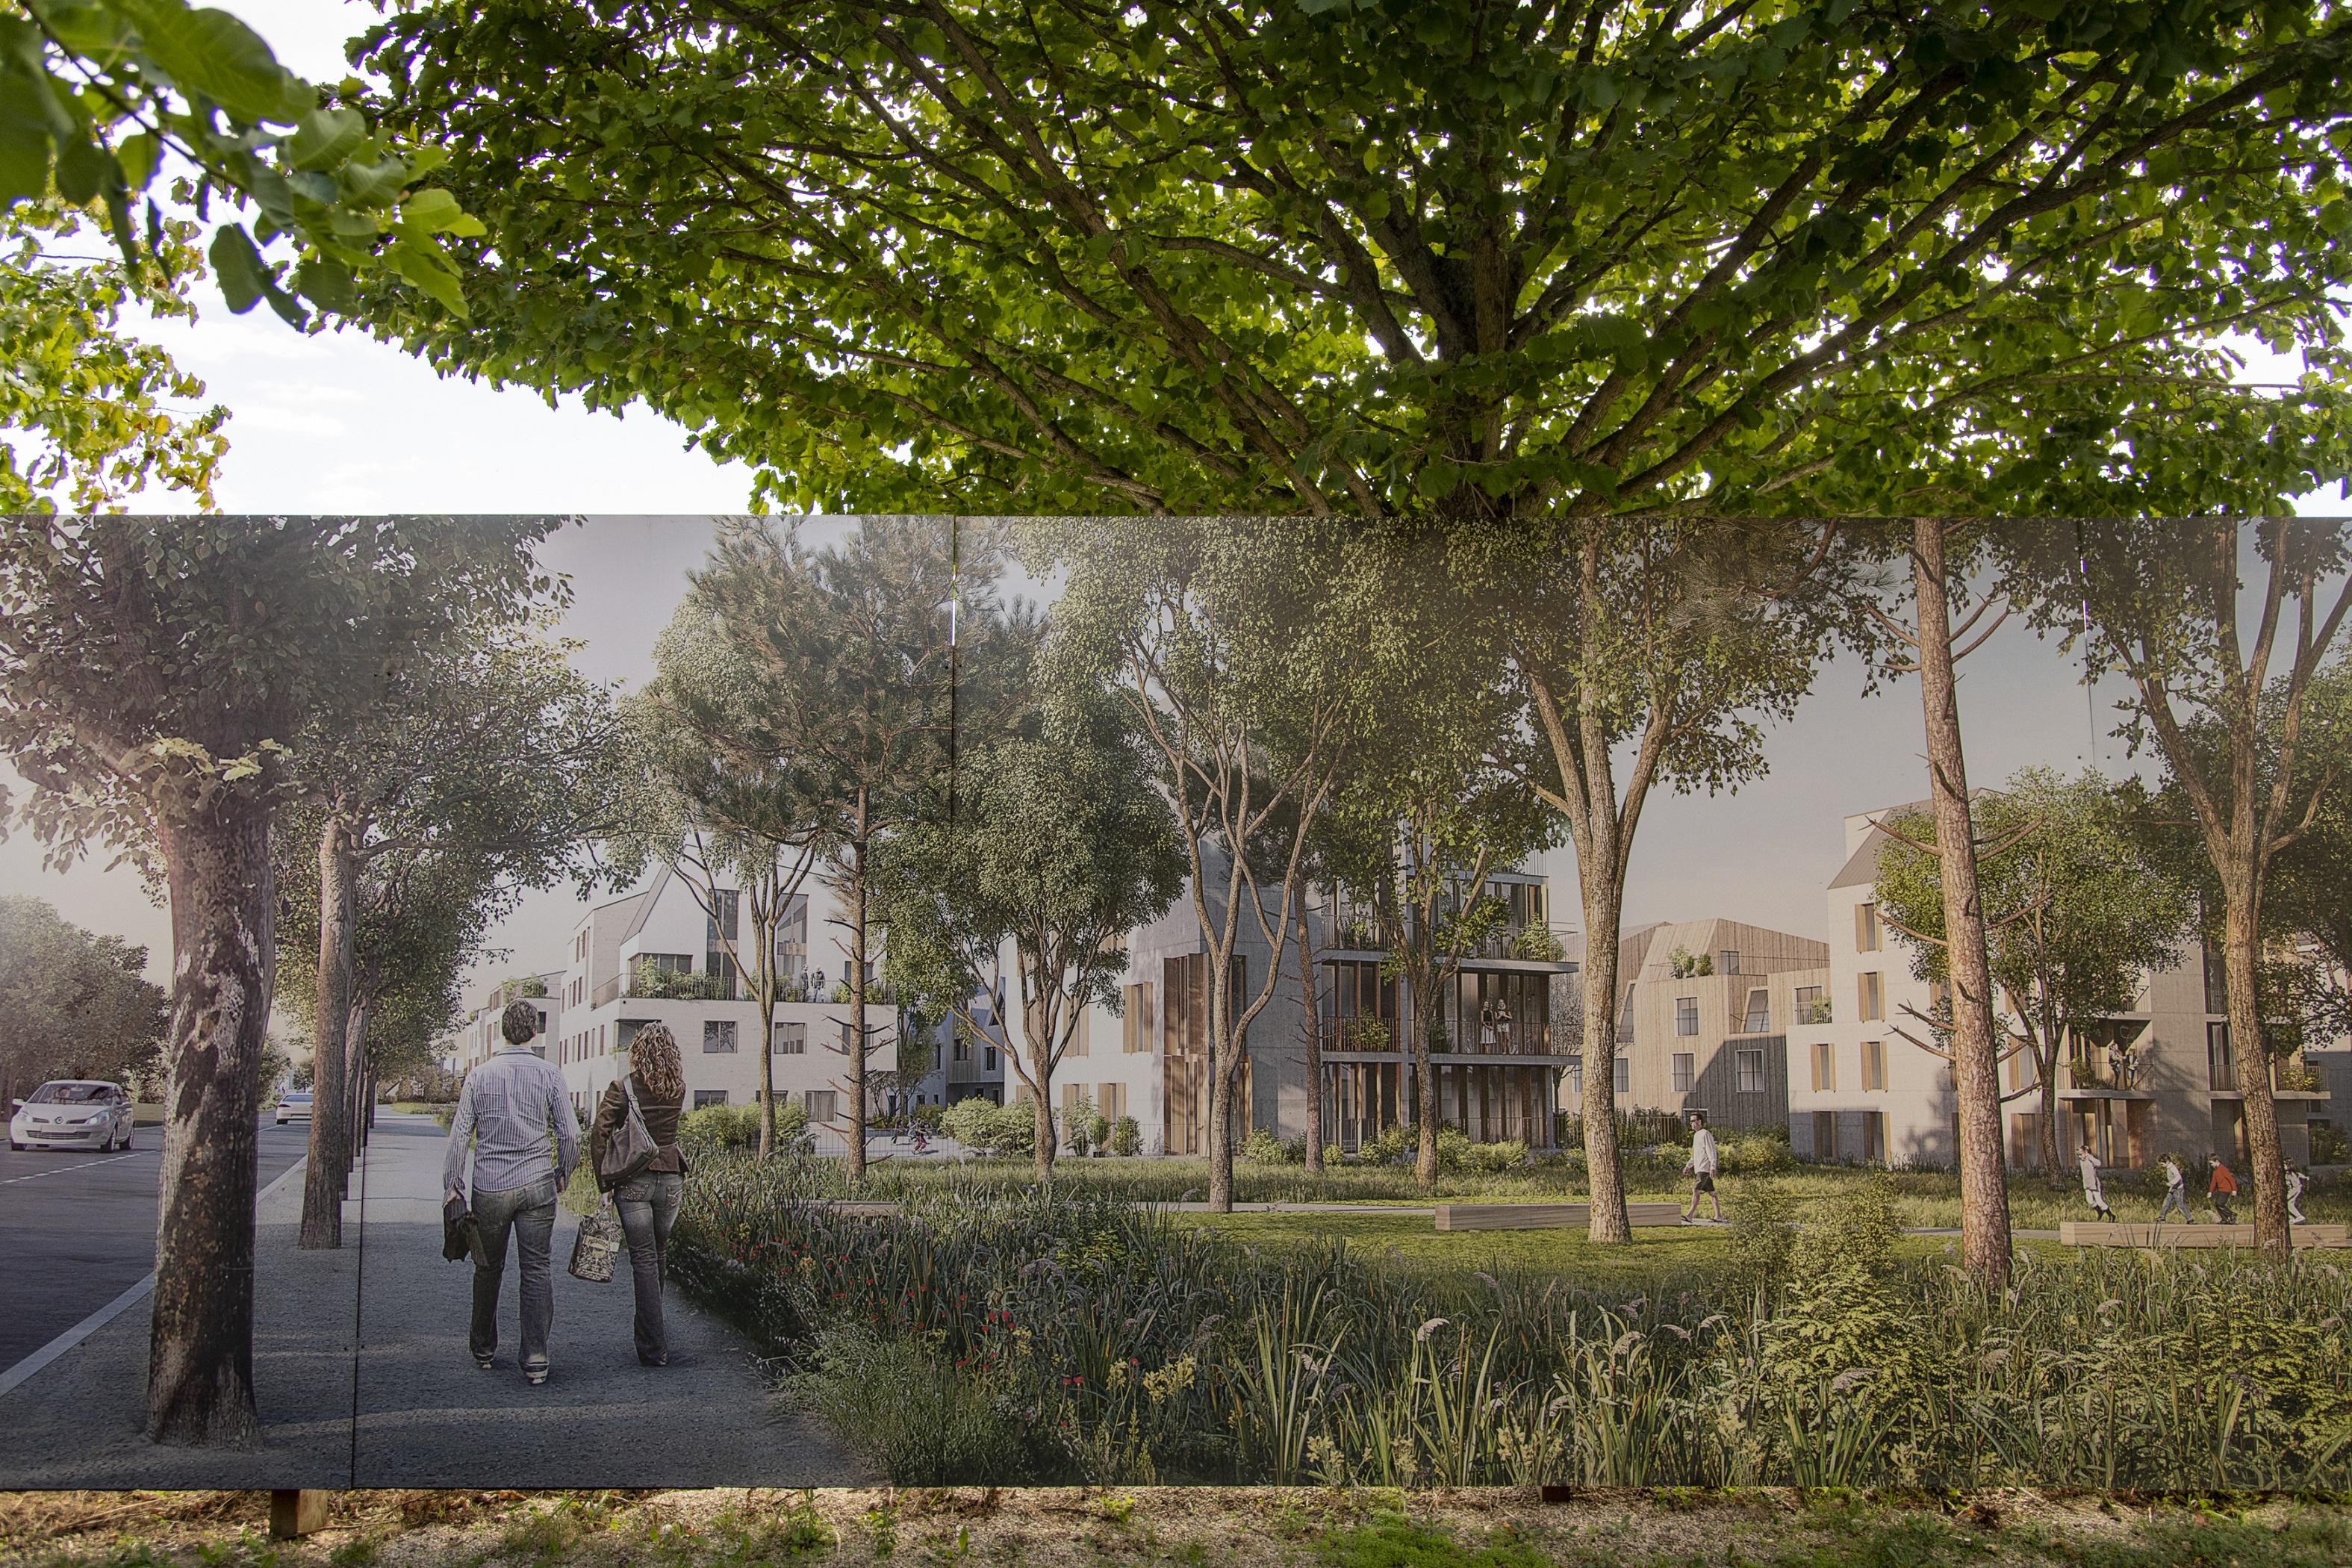 Le futur agro-quartier de Rungis dans le Val-de-Marne / © Jérômine Derigny pour Enlarge your Paris